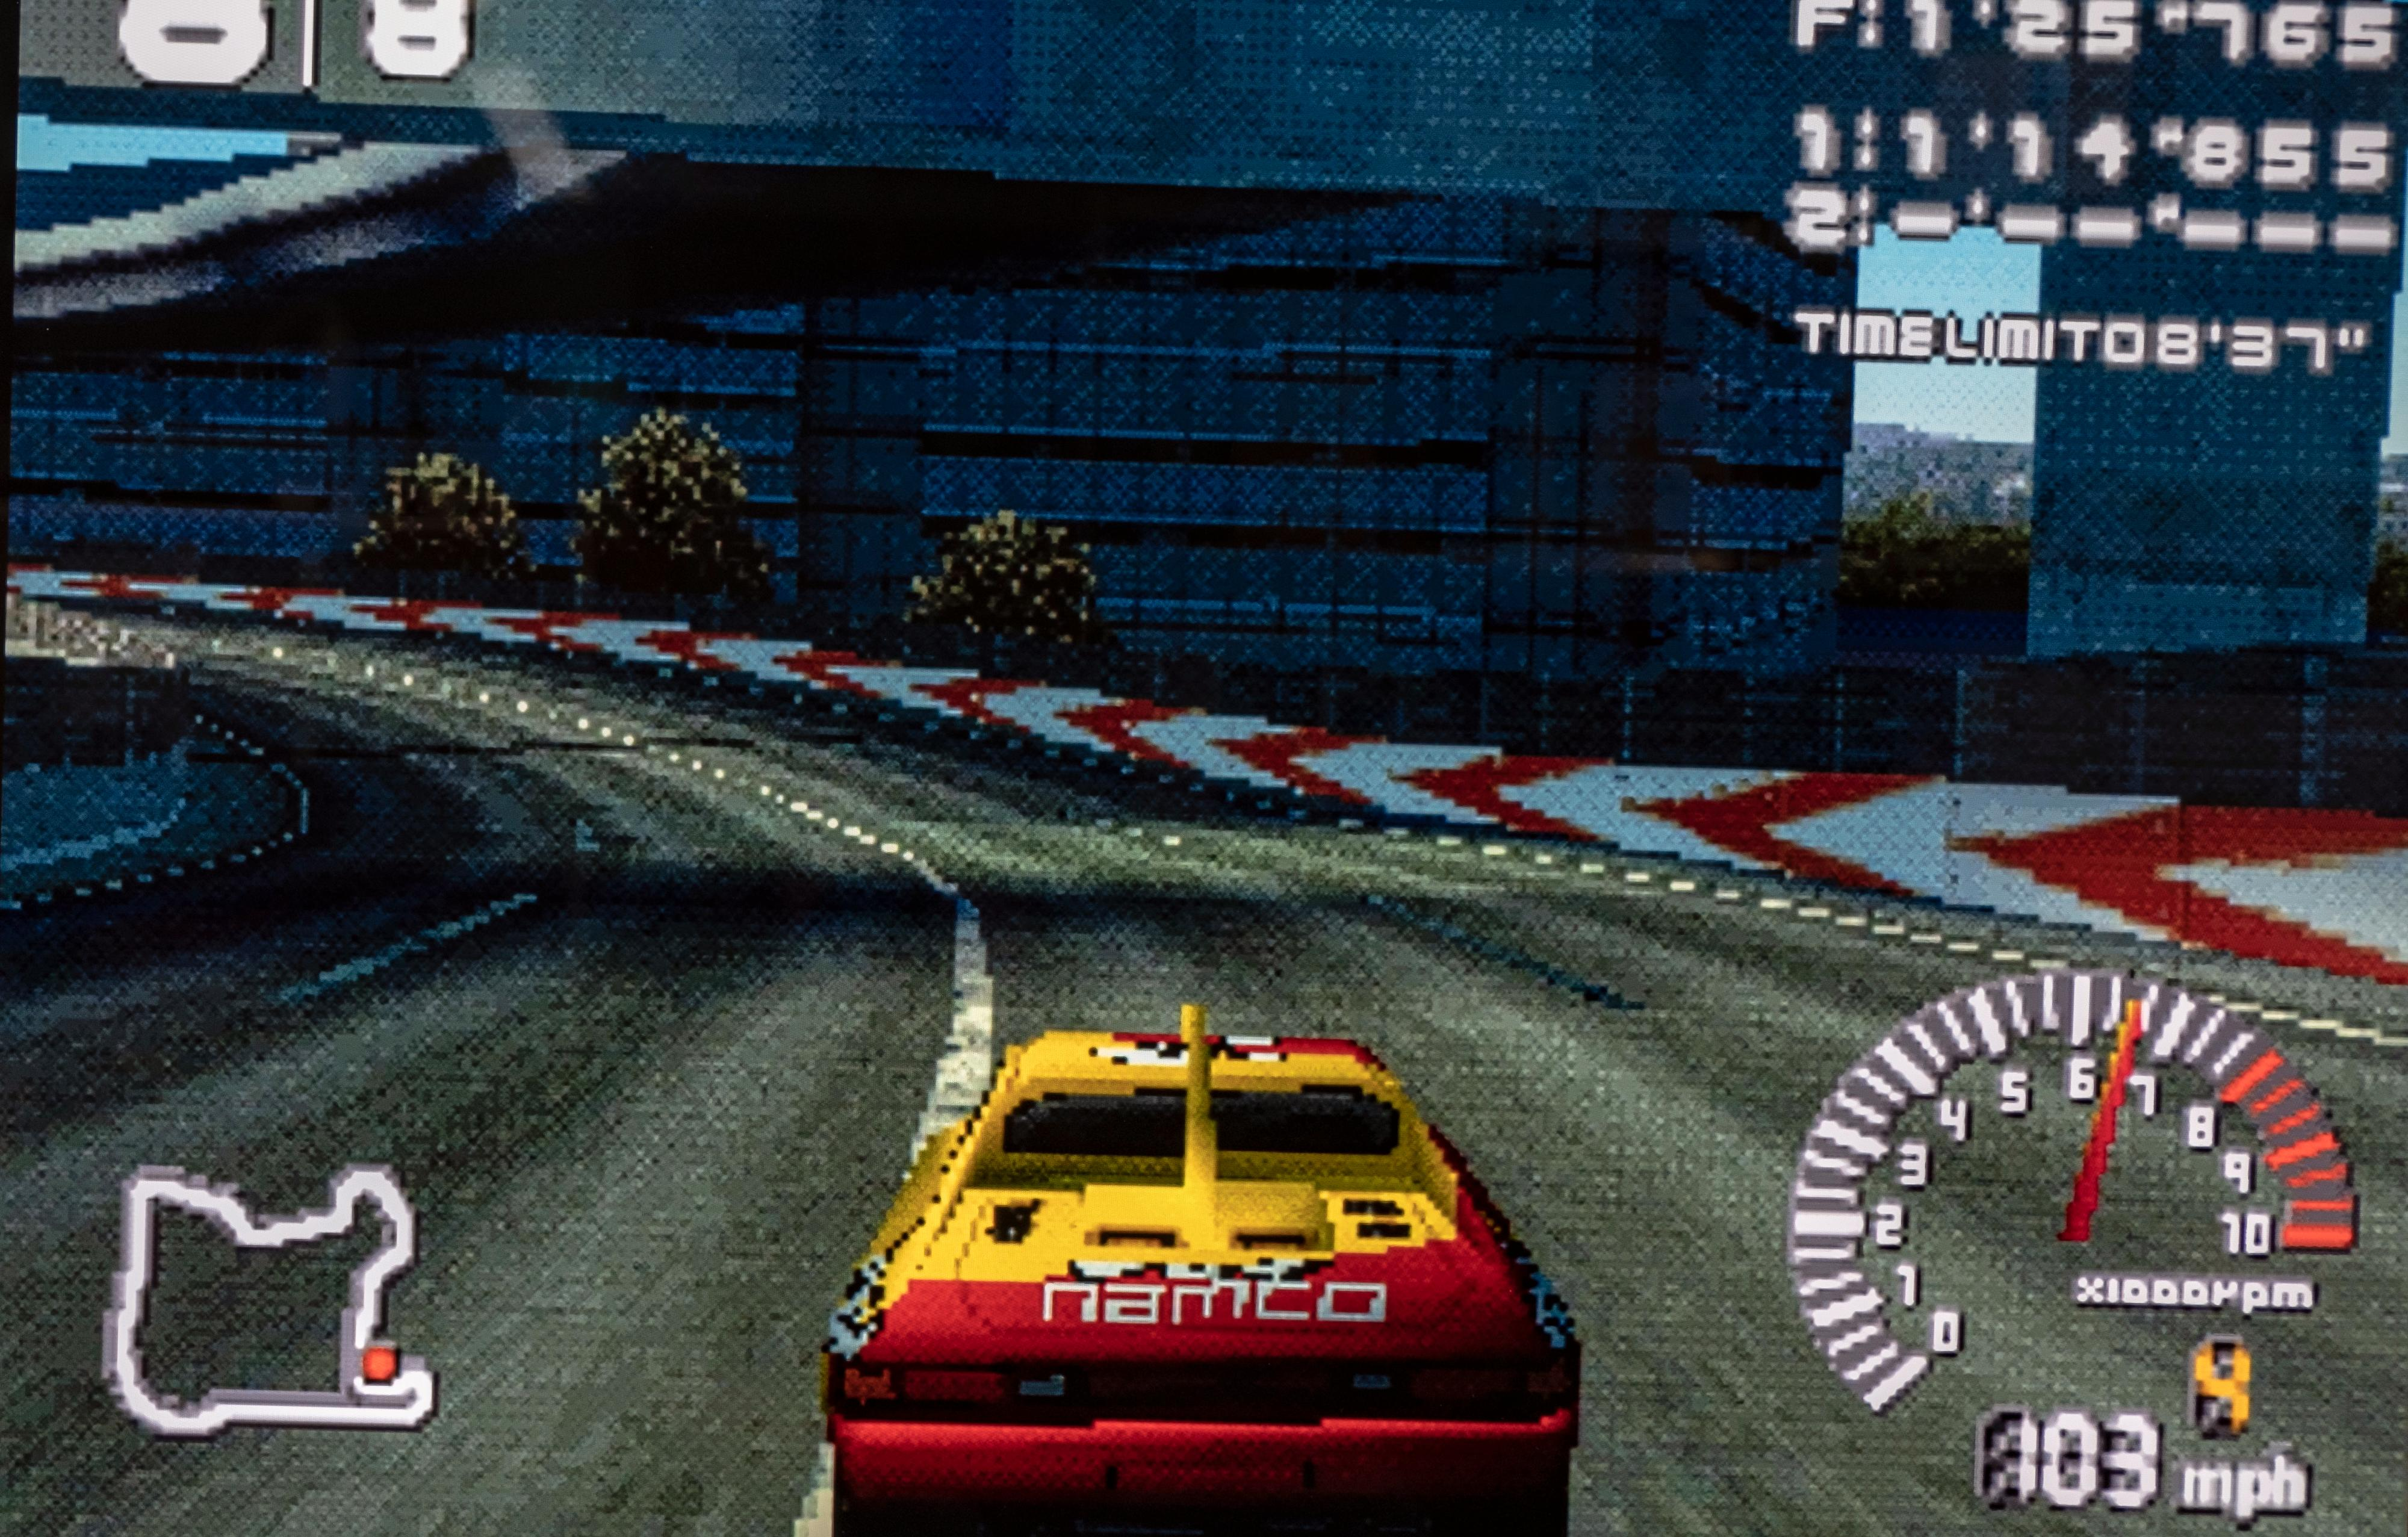 Ridge Racer er ett av de mest spillbare spillene på PlayStation Classic. Vi måtte skru av bildeforbedringen i TV-en helt for å gjøre spillet spillbart - men da ble også grafikken ekstremt pikselert. En fornuftig oppskalering laget for denne typen innhold hadde vært å foretrekke - slik Nintendo har i sine bokser.